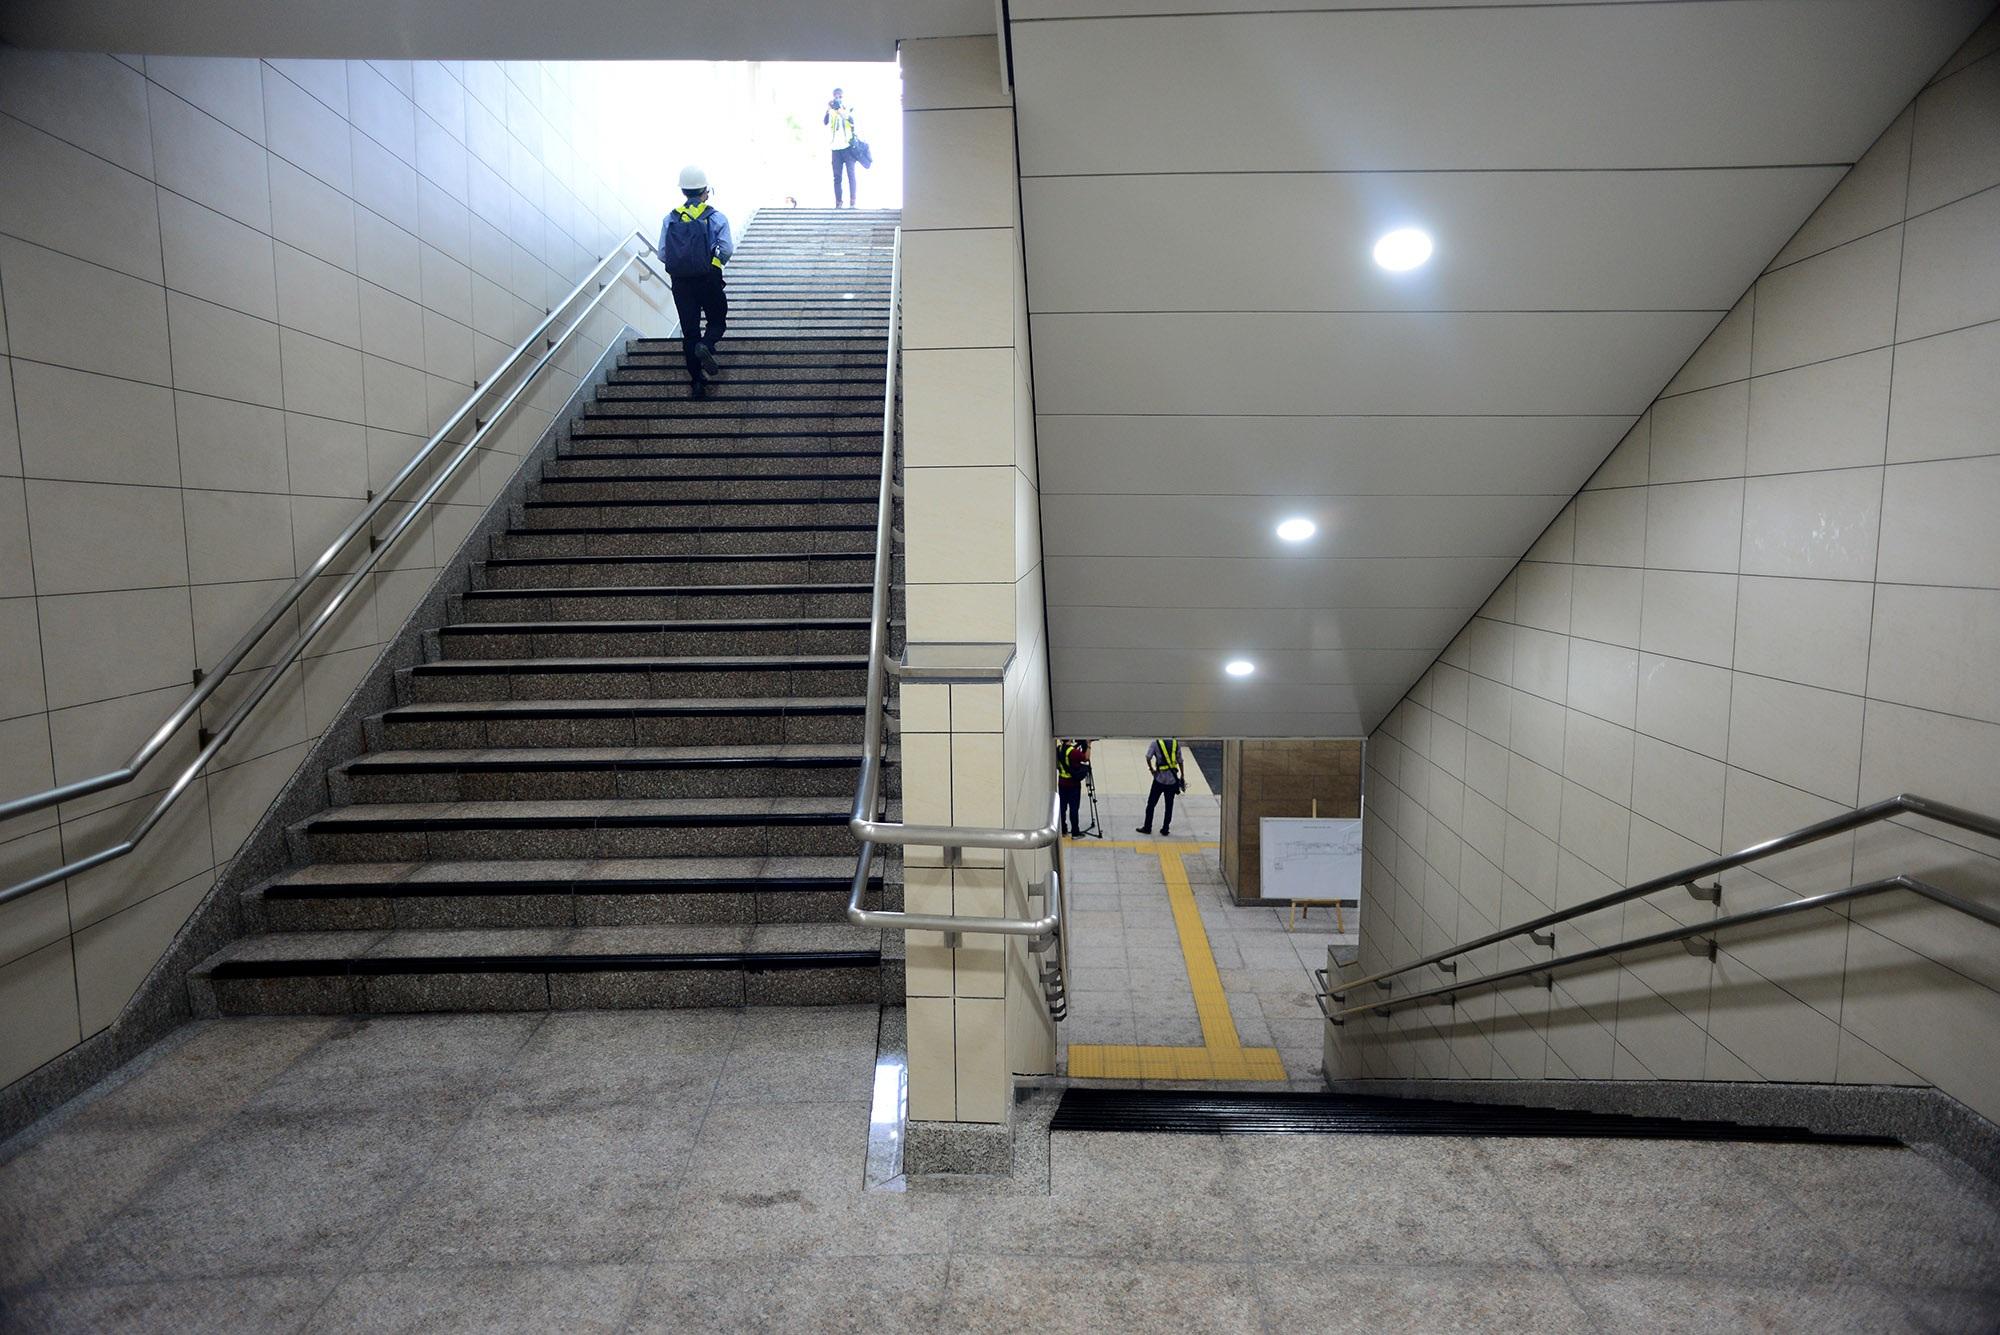 Ngắm toàn cảnh tuyến metro đầu tiên của TPHCM - 4